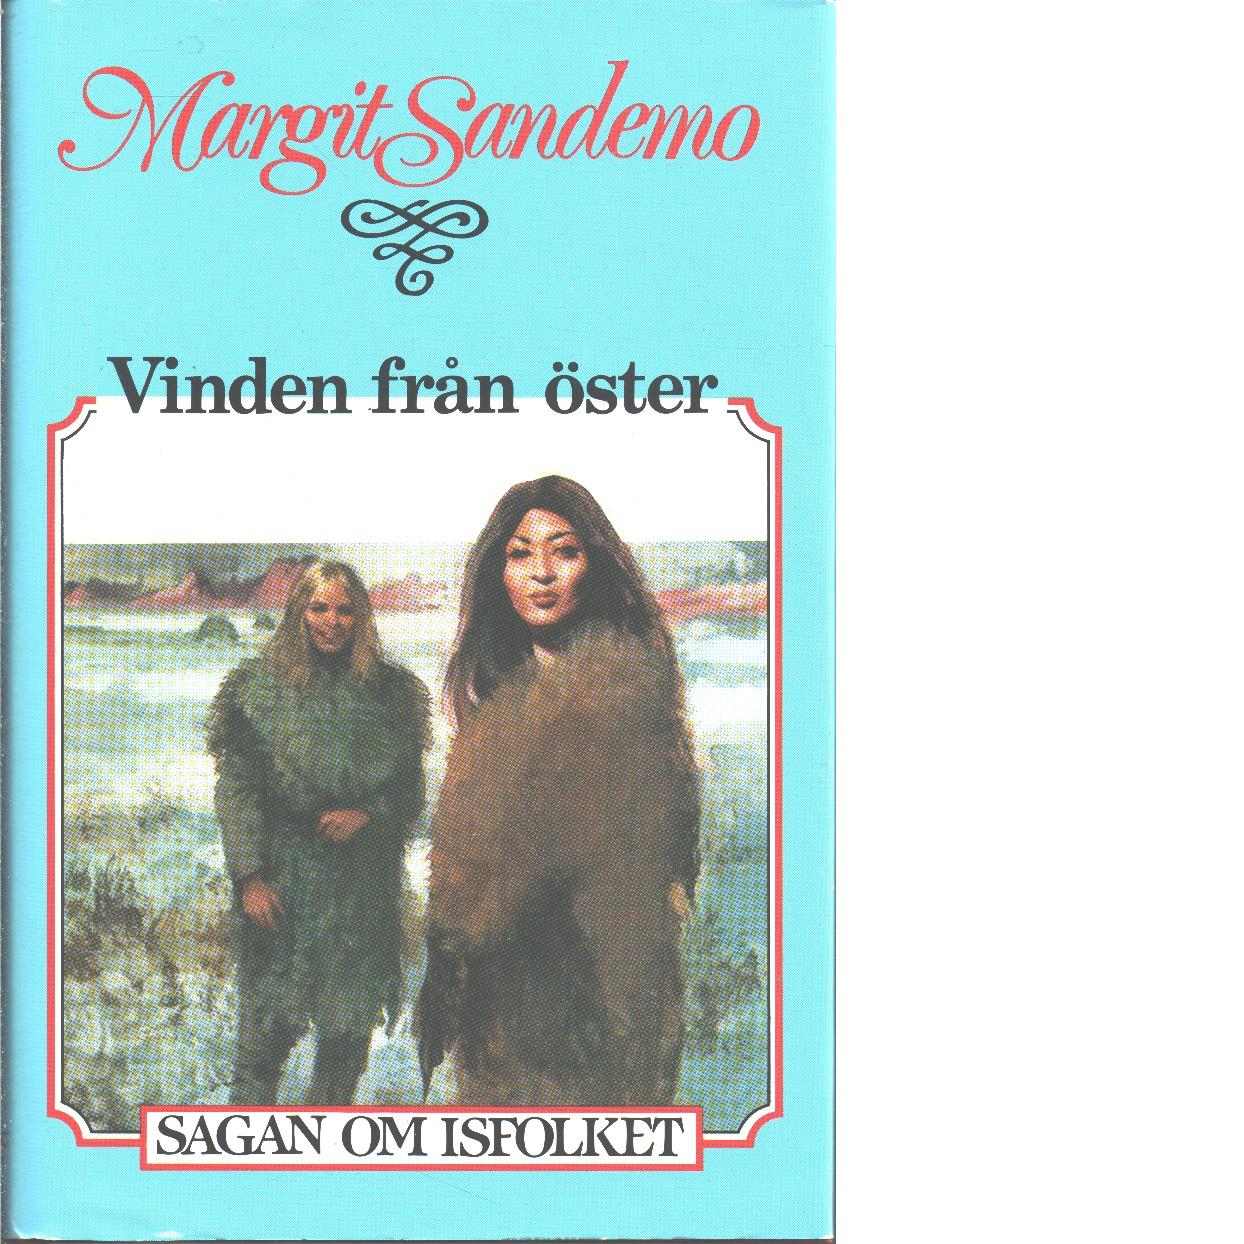 Vinden från Öster : Sagan om Isfolket nr. 15 - Sandemo, Margit